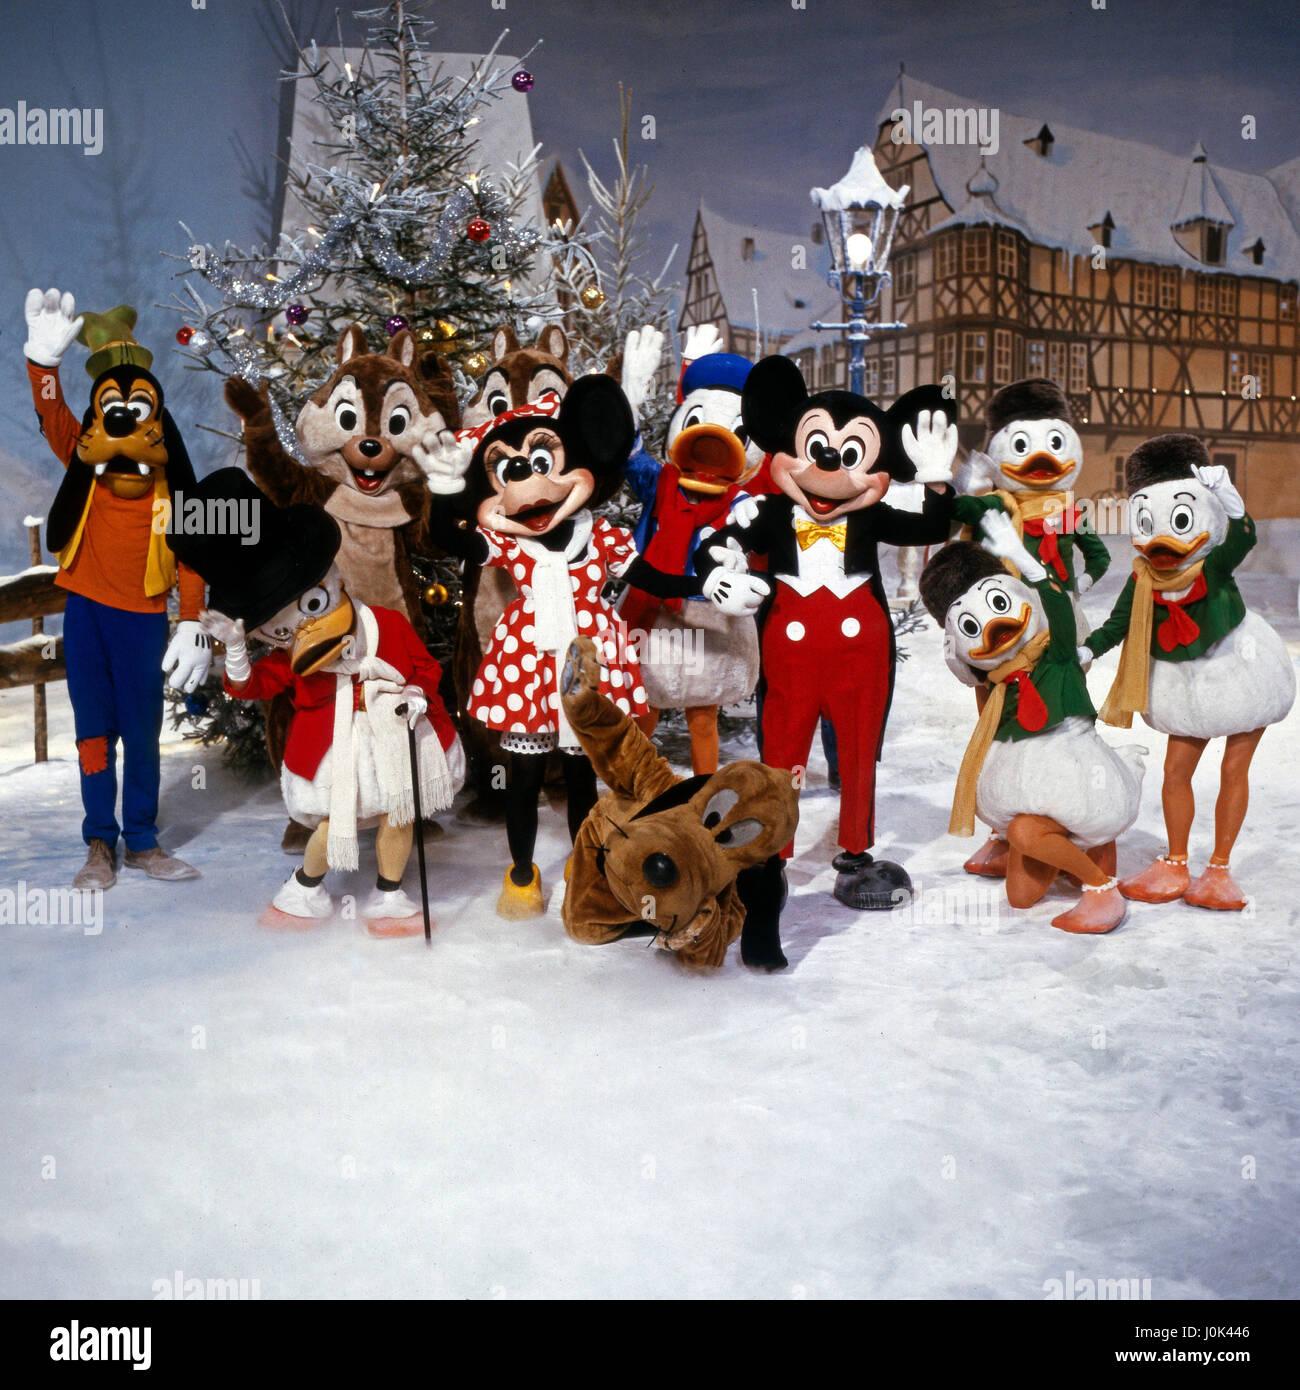 Walt Disney's Fröhliche Weihnachten, Weihnachtsrevue für kleine und große Kinder, Deutschland 1984, Regie: Gerit Neuhaus,  Mitwirkende: (v. l.) Goofy, Dagobert Duck, Ahörnchen, Behörnchen, Minni Maus, Pluto, Donald Duck, Micky Maus, Tick, Trick, Track Stock Photo